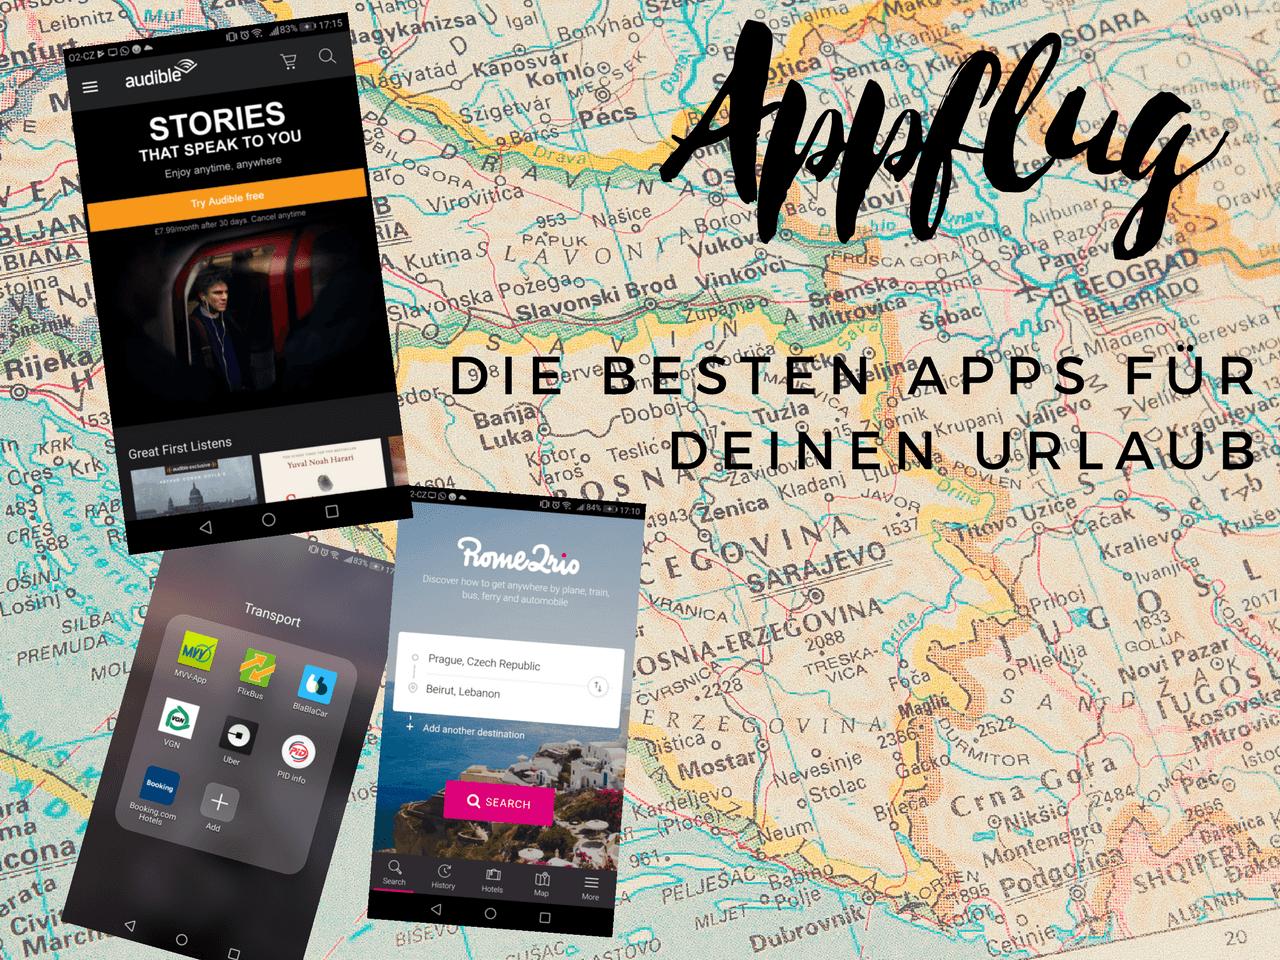 [Anzeige] Appflug –mit diesen unverzichtbaren Reise Apps für deinen Urlaub